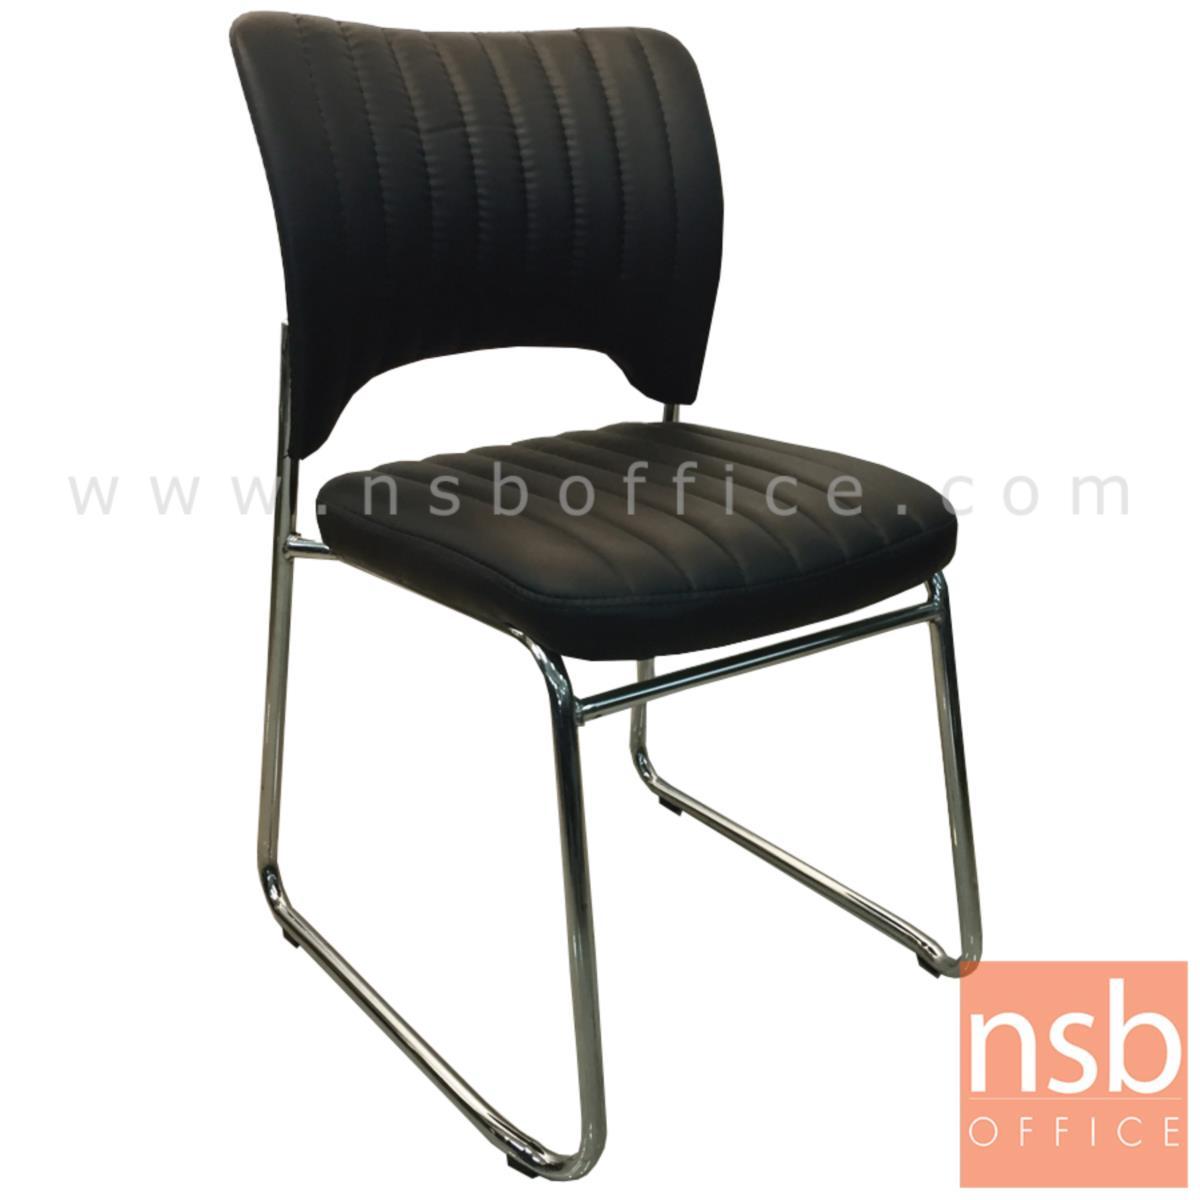 B04A117:เก้าอี้รับแขกขาตัวยู รุ่น Wagner (แวกเนอร์)  ขาเหล็กชุบโครเมี่ยม